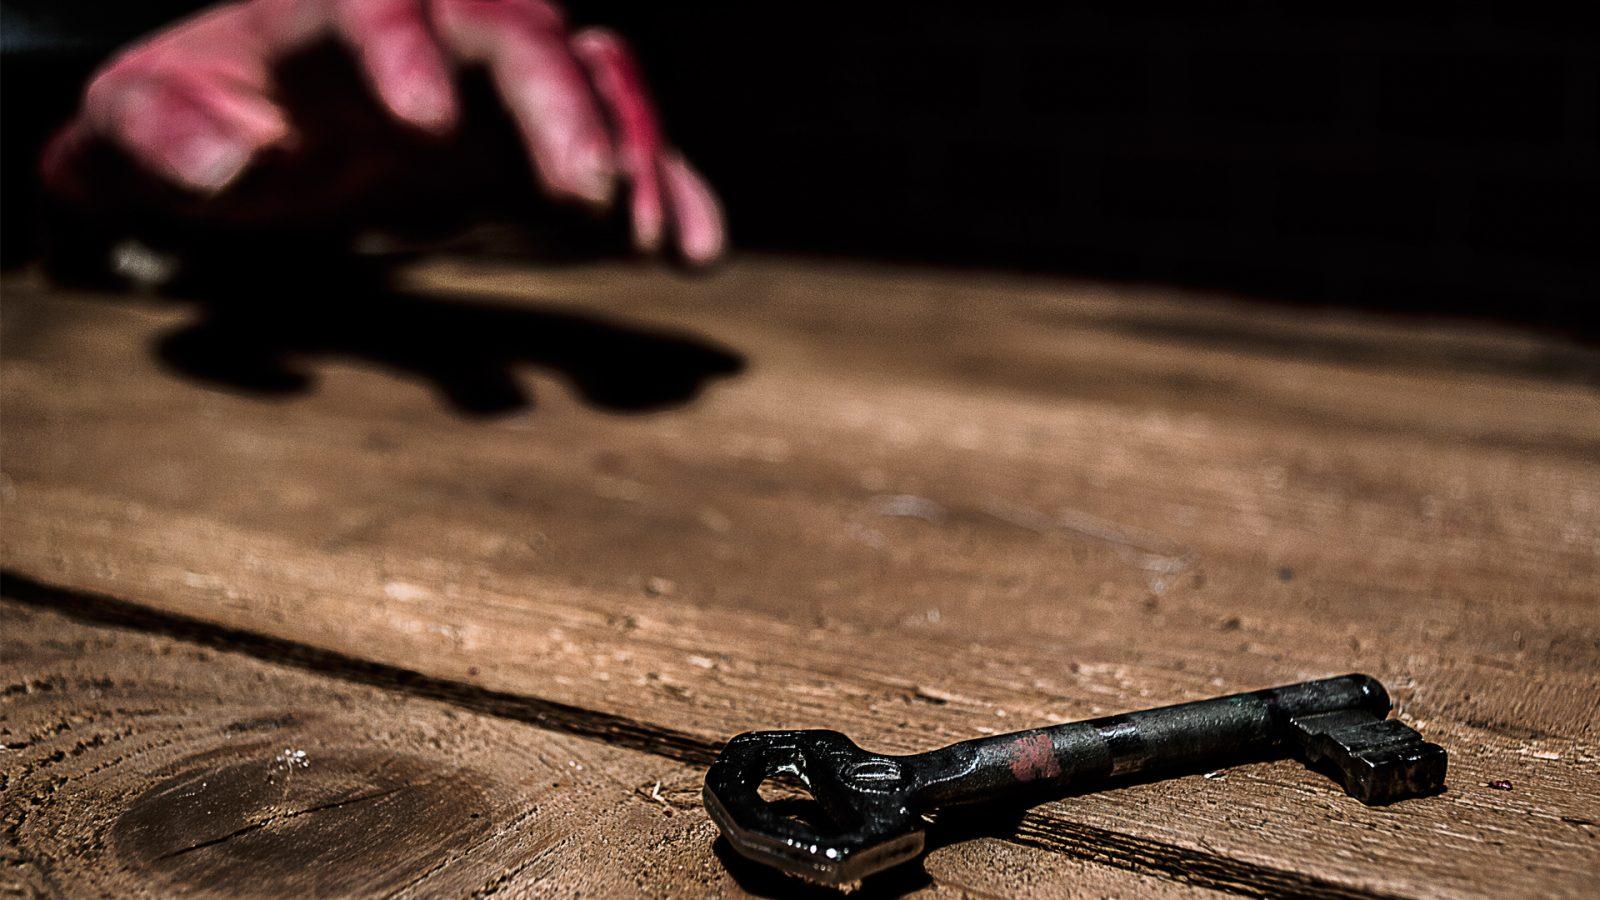 FAK - Kara Zindan - Gerçek Evden ve Odadan Kaçış Oyunu